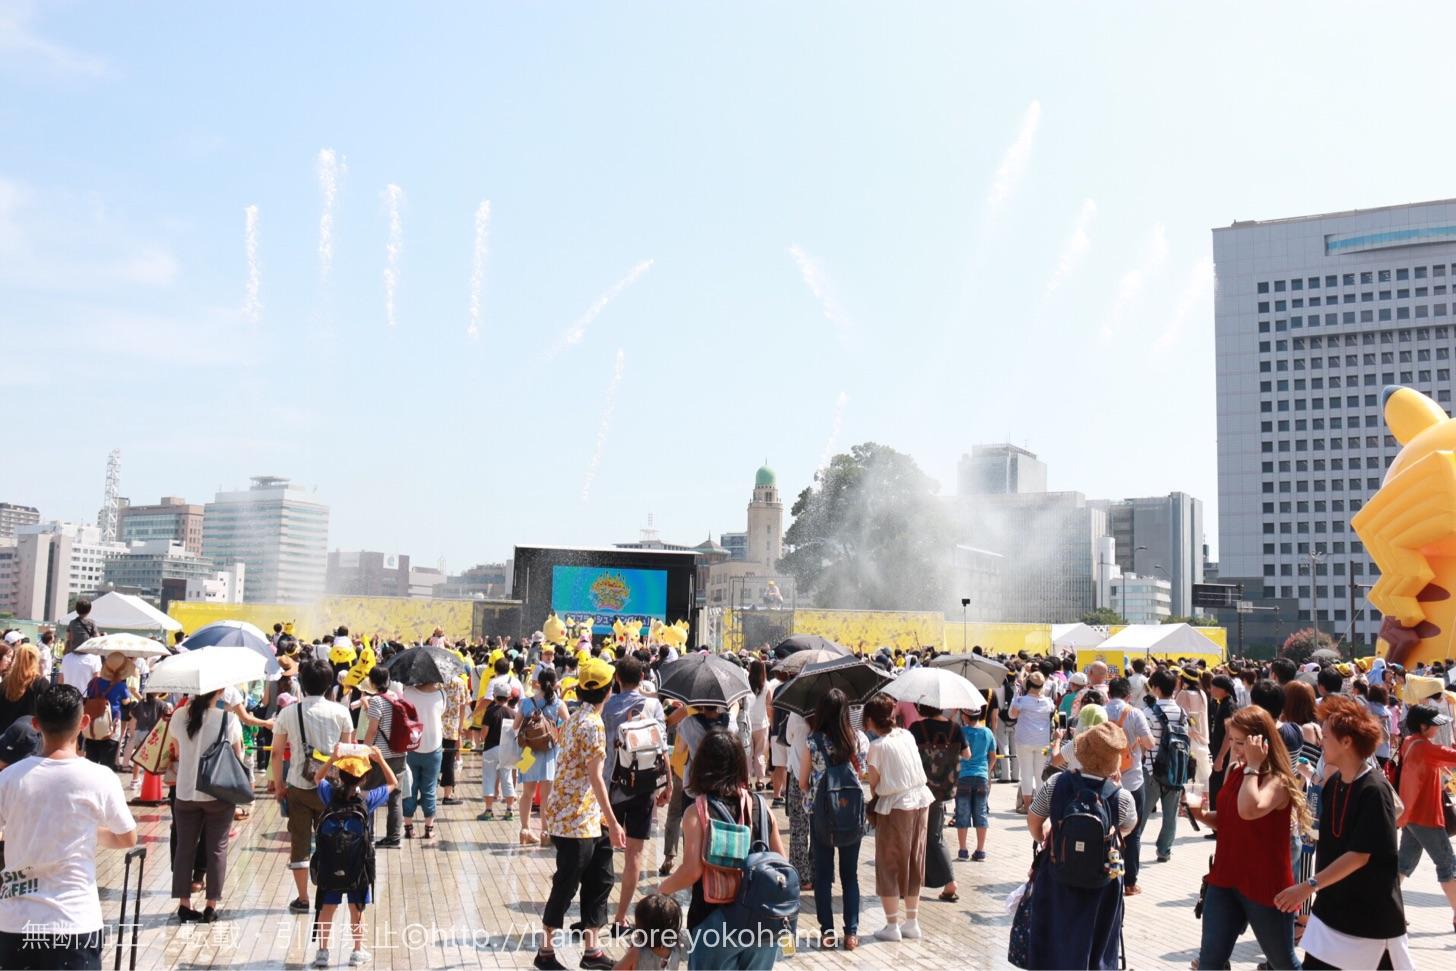 ずぶぬれスプラッシュショー「スプラッシュ・キングダム」 大放水の様子